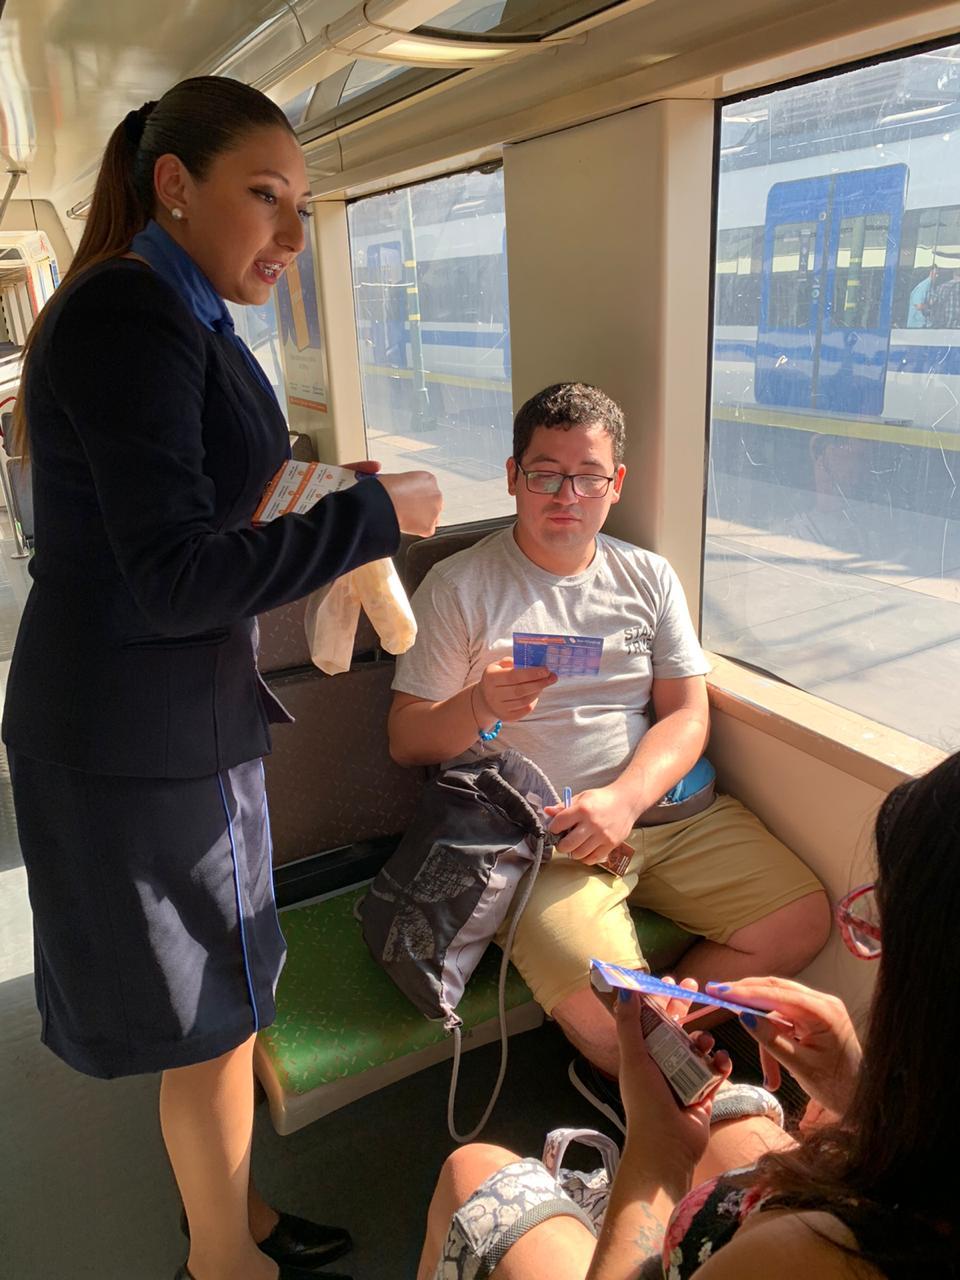 Lanzan plataforma de entretenimiento en trenes de EFE